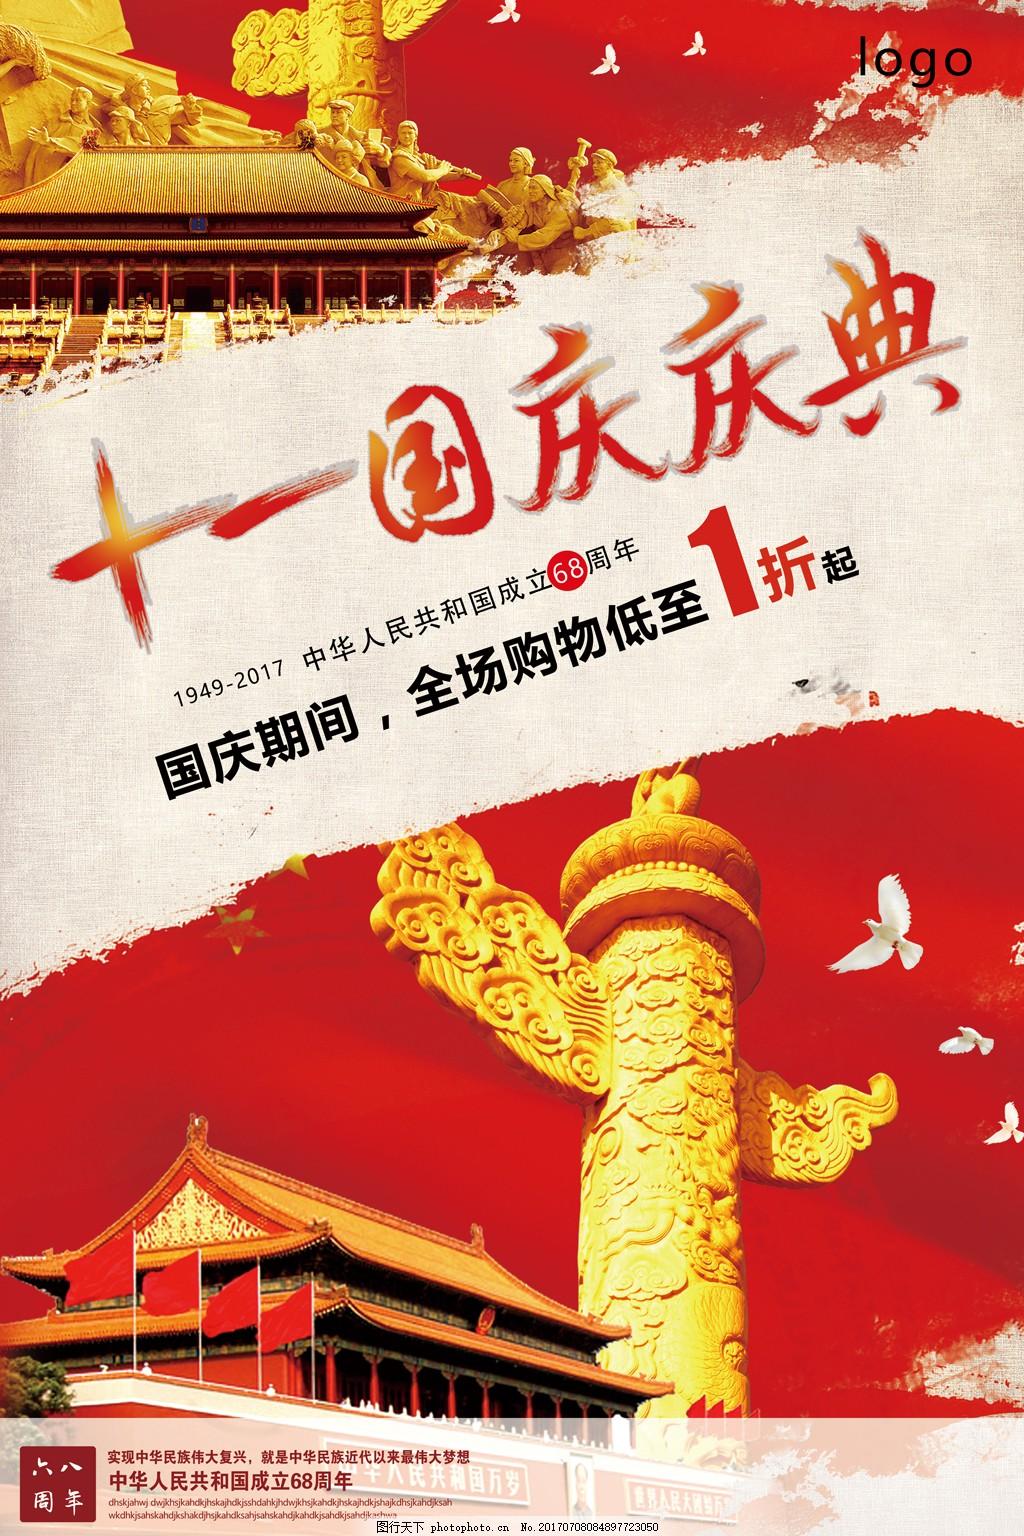 国庆节促销海报设计 国庆节海报 平面广告 促销十一国庆庆典 中国风